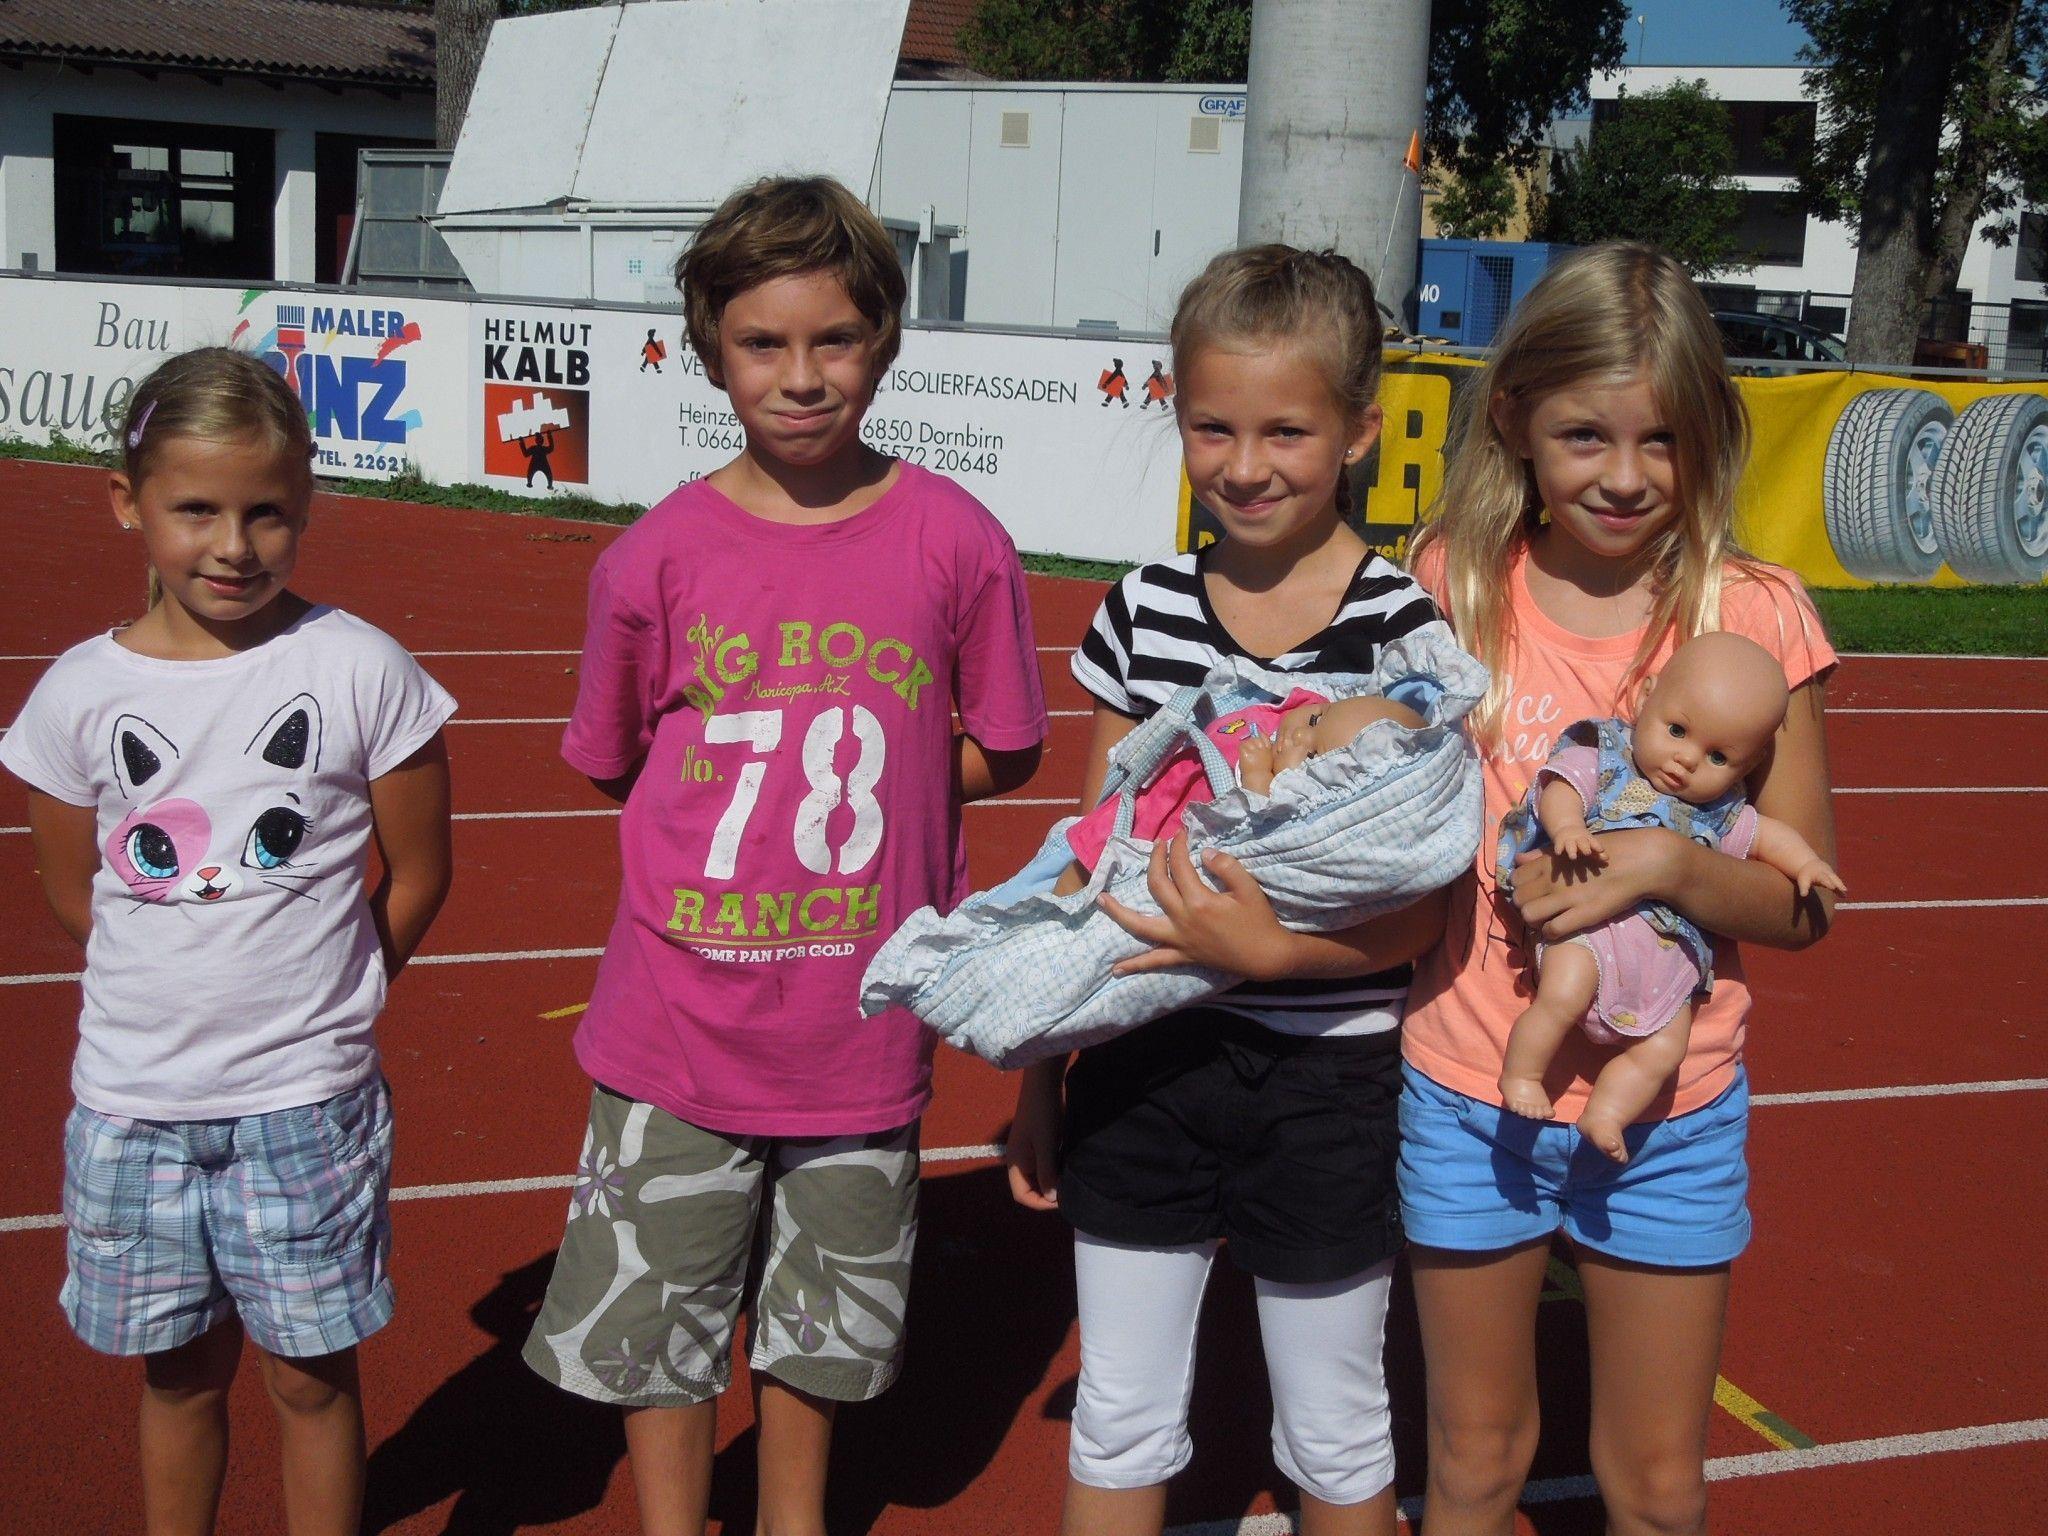 Johanna, Jonas, Chiara und Vivien genossen ein ausgelassenes Fest beim traditionellen Familiensonntag auf der Birkenwiese.